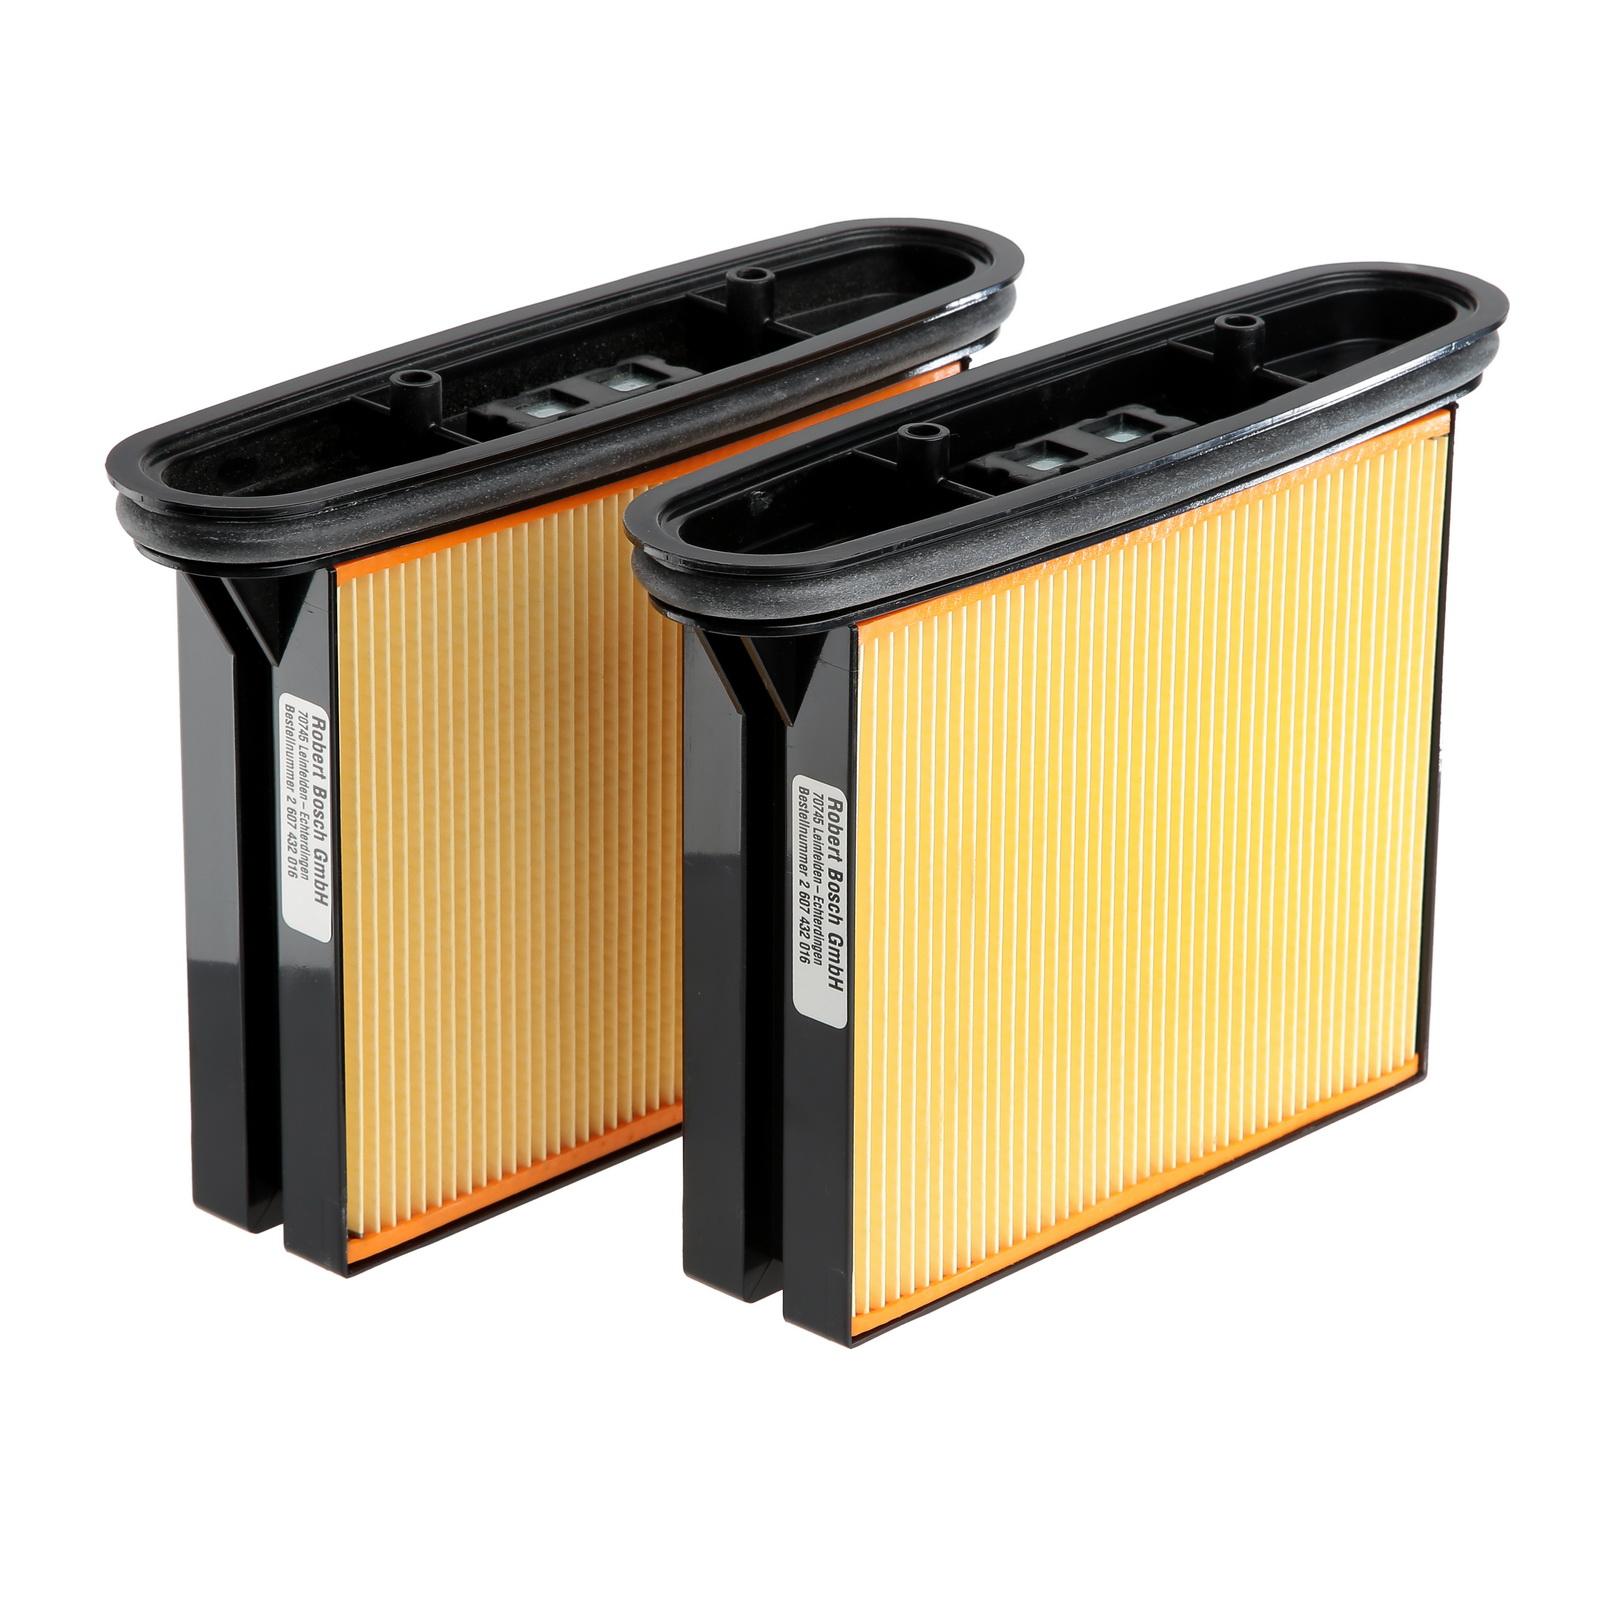 Фильтр Bosch для пылесоса gas 50, складчатый (2.607.432.016)